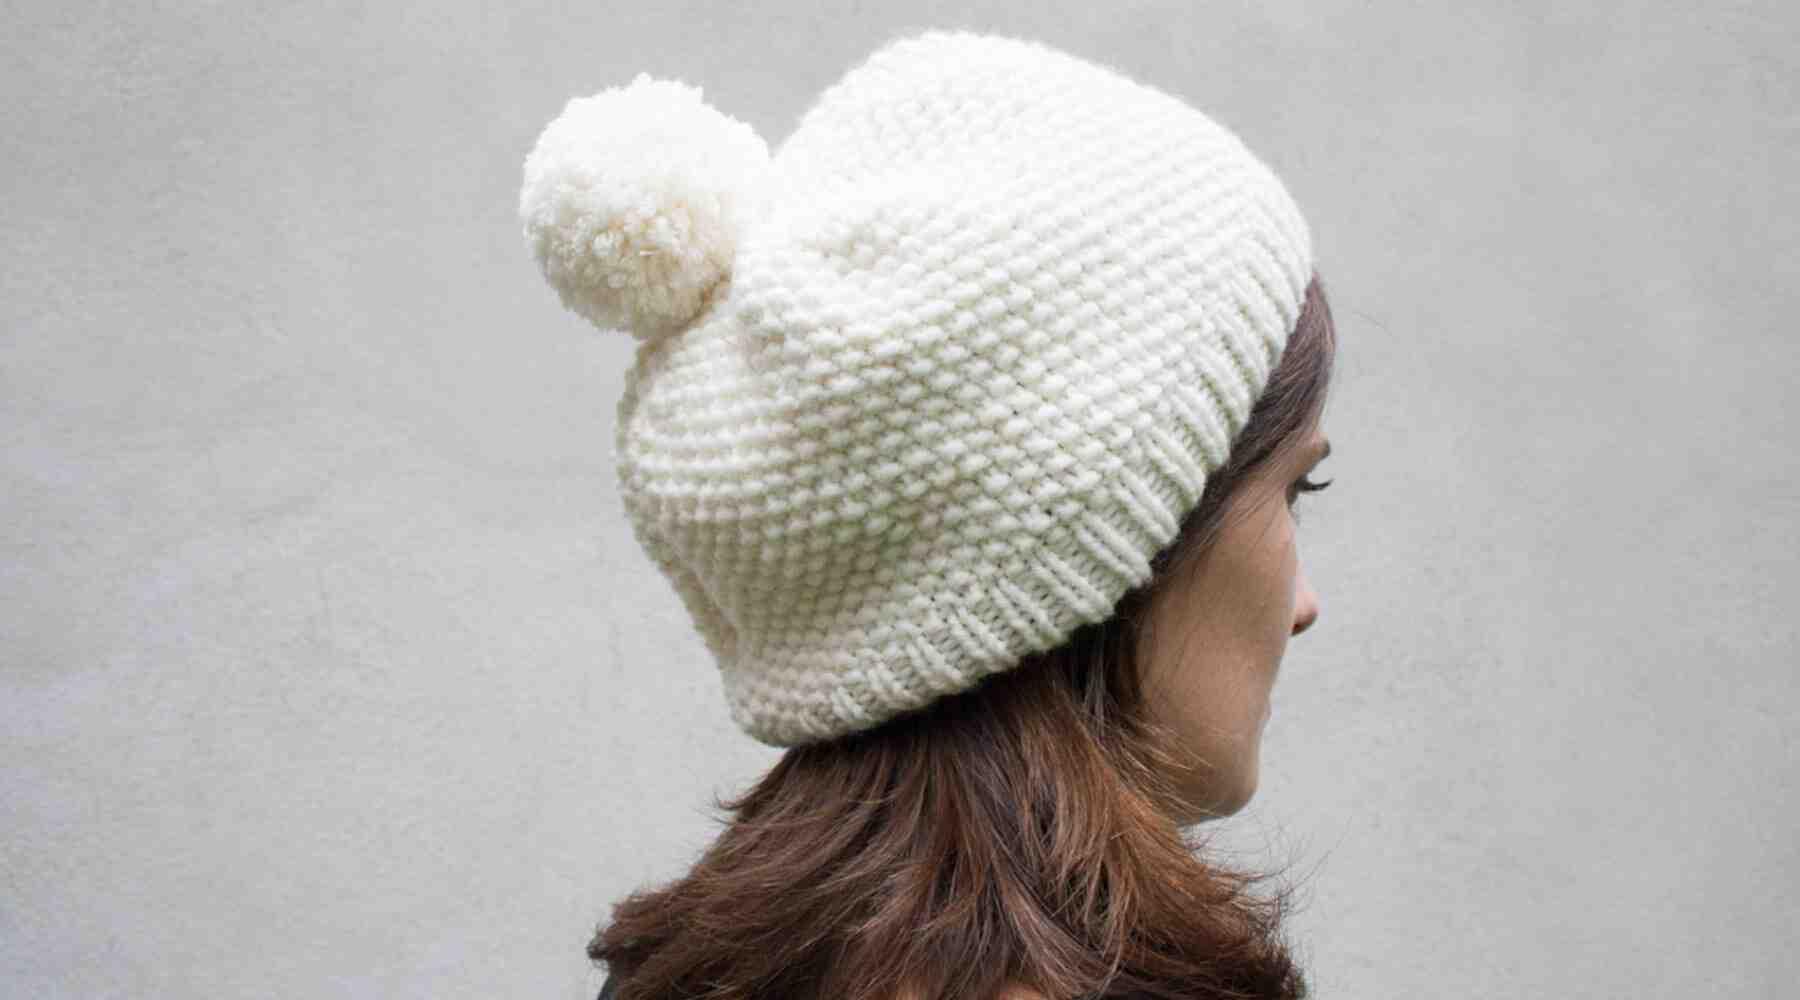 Comment arrêter de porter un chapeau circulaire?